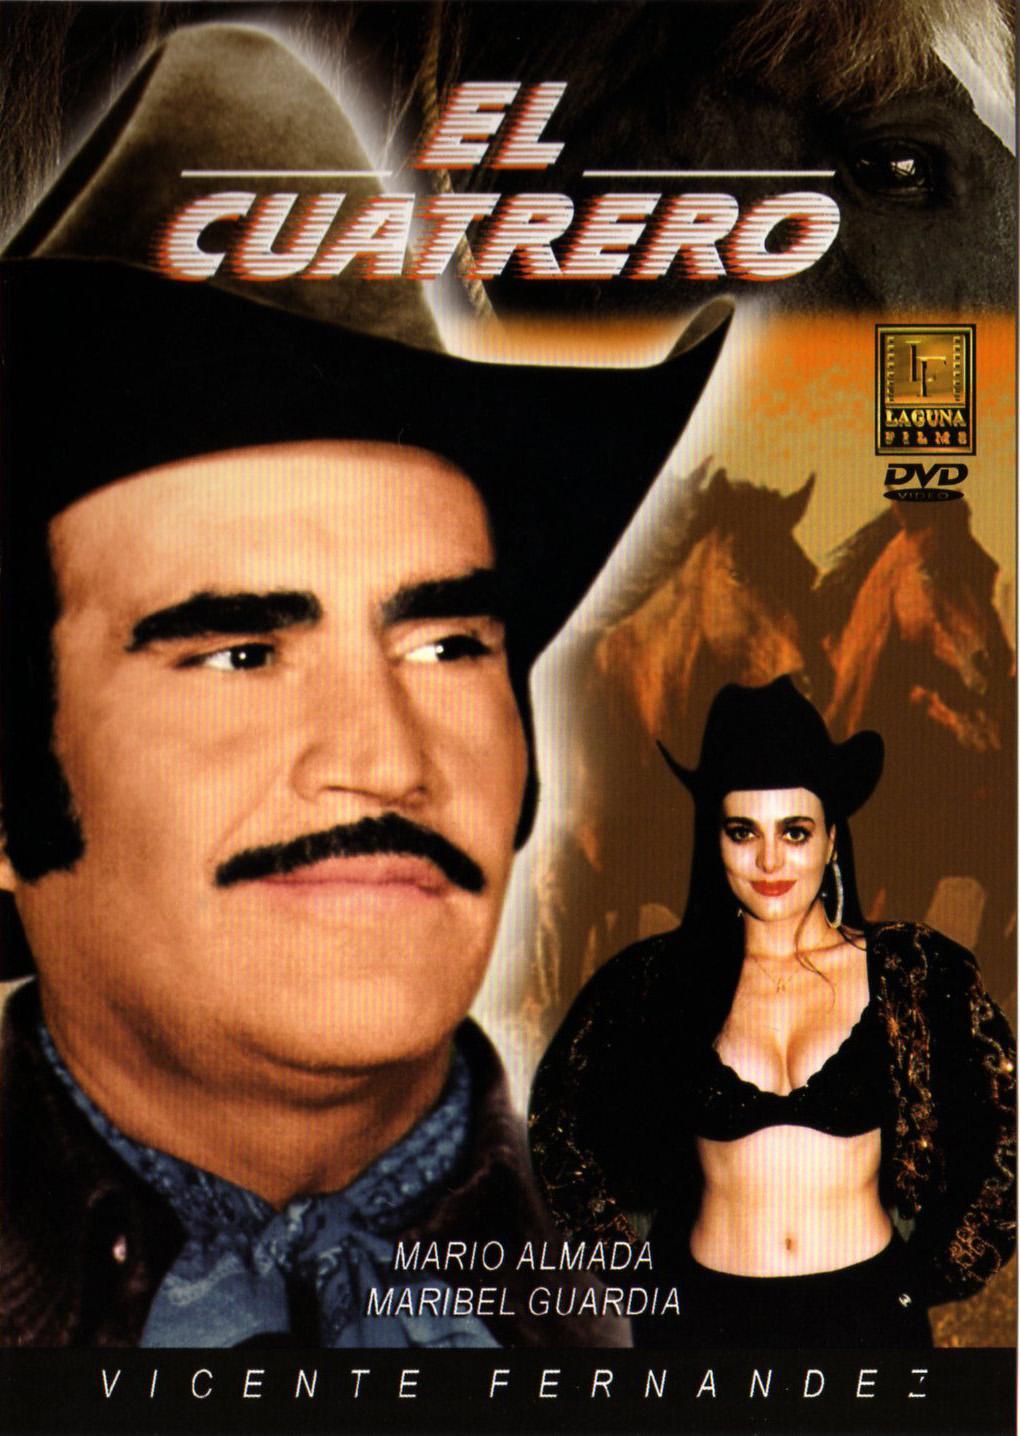 Vicente Fernández and Maribel Guardia in El cuatrero (1989)